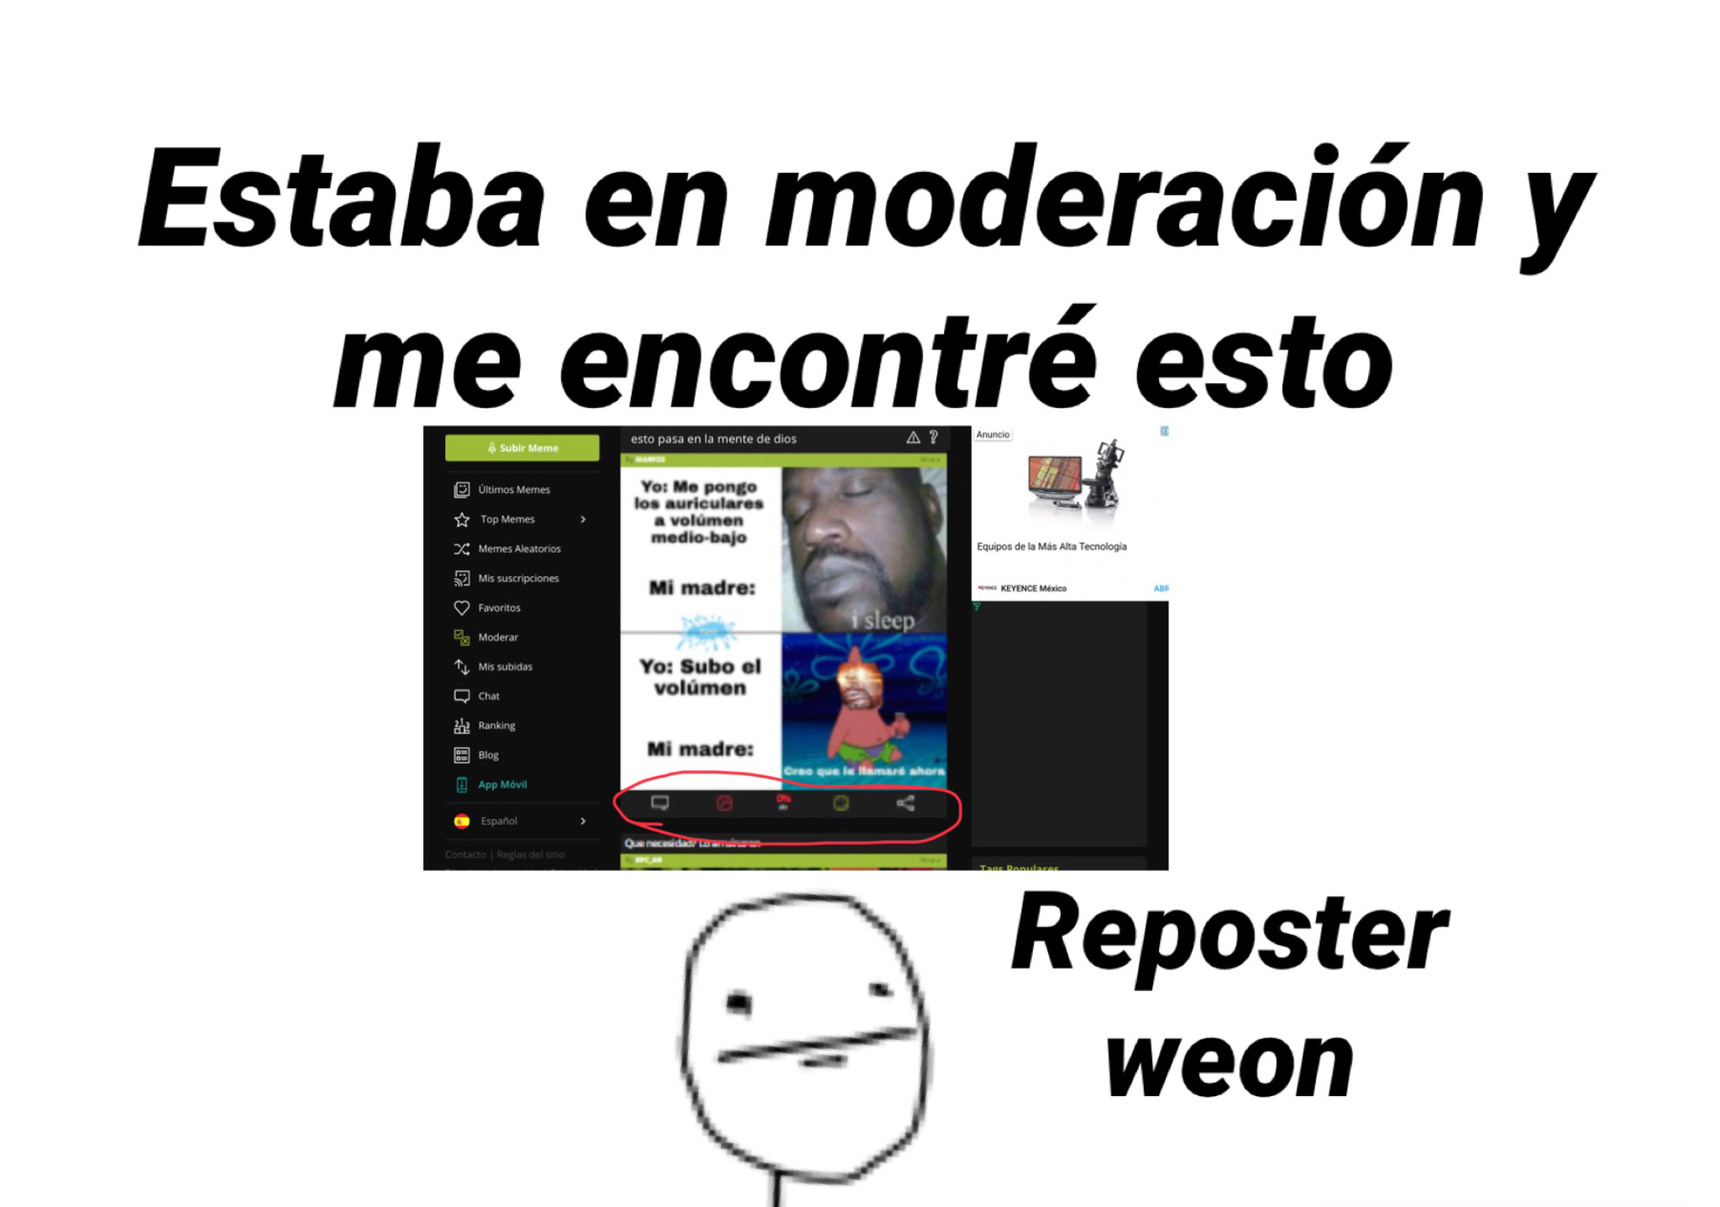 Reposter weon - meme